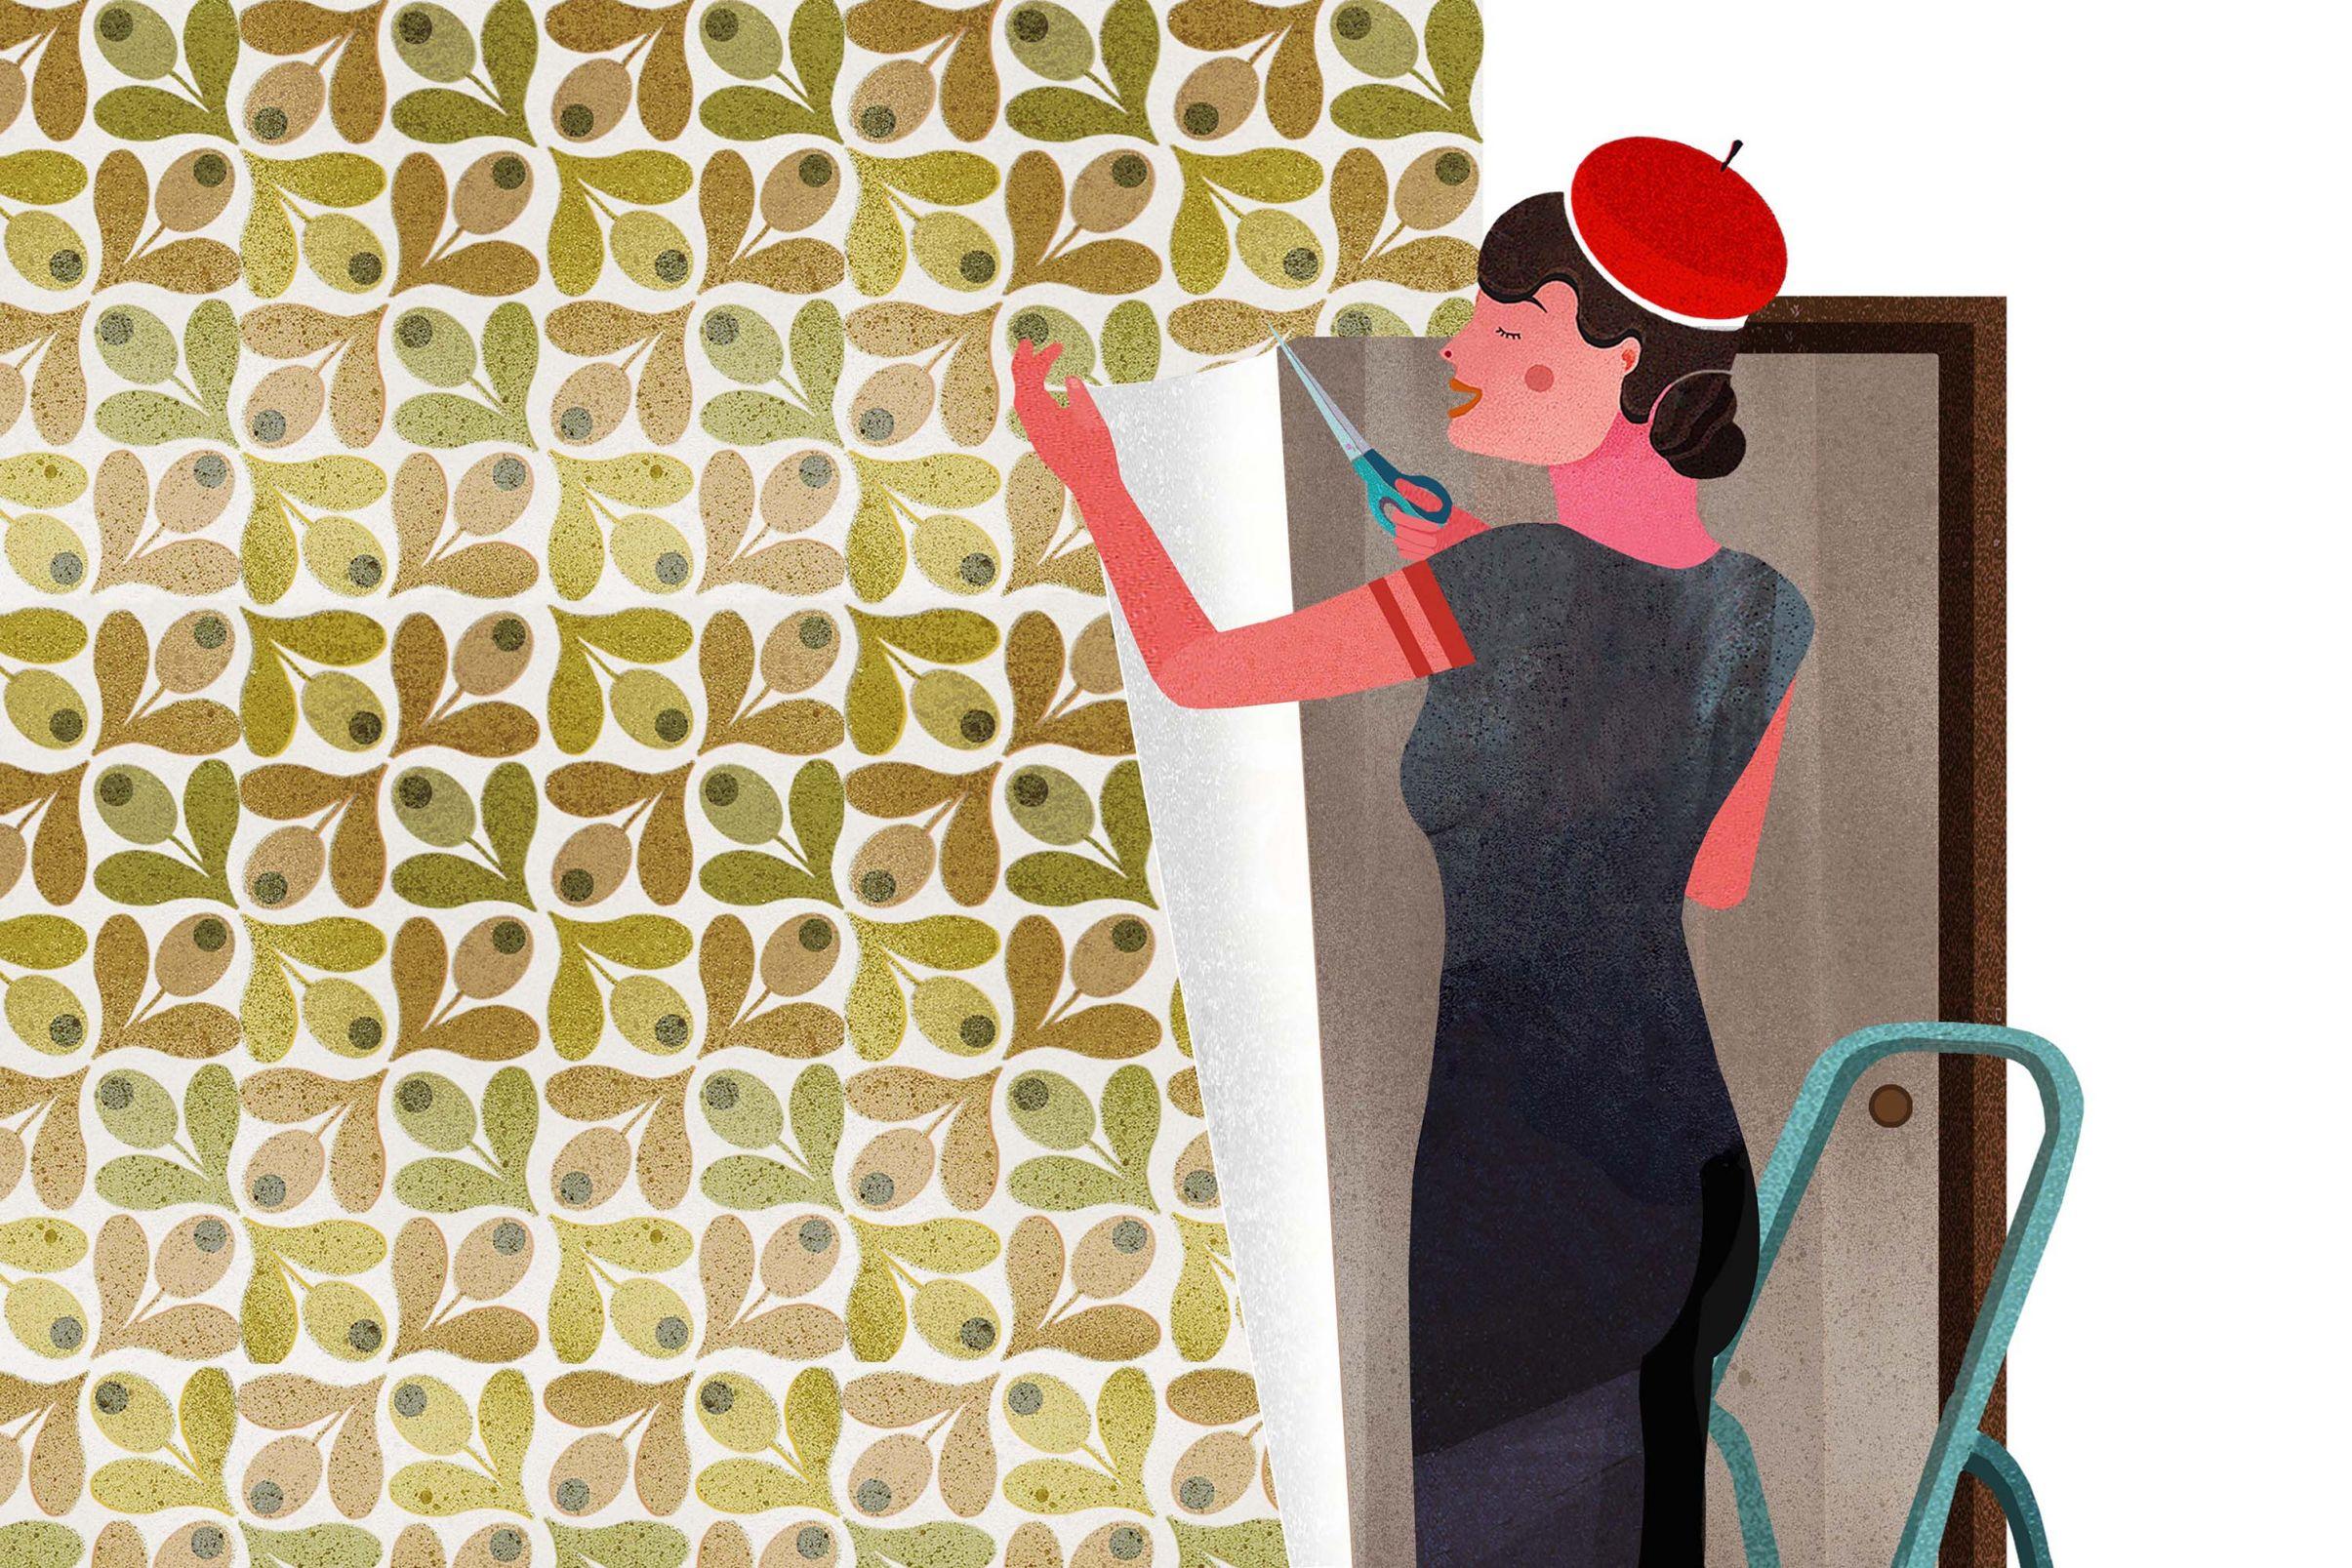 Como-empapelar-alrededor-de-puertas-y-ventanas-Colocar-papel-pintado-alrededor-de-la-puerta-con-superposicion